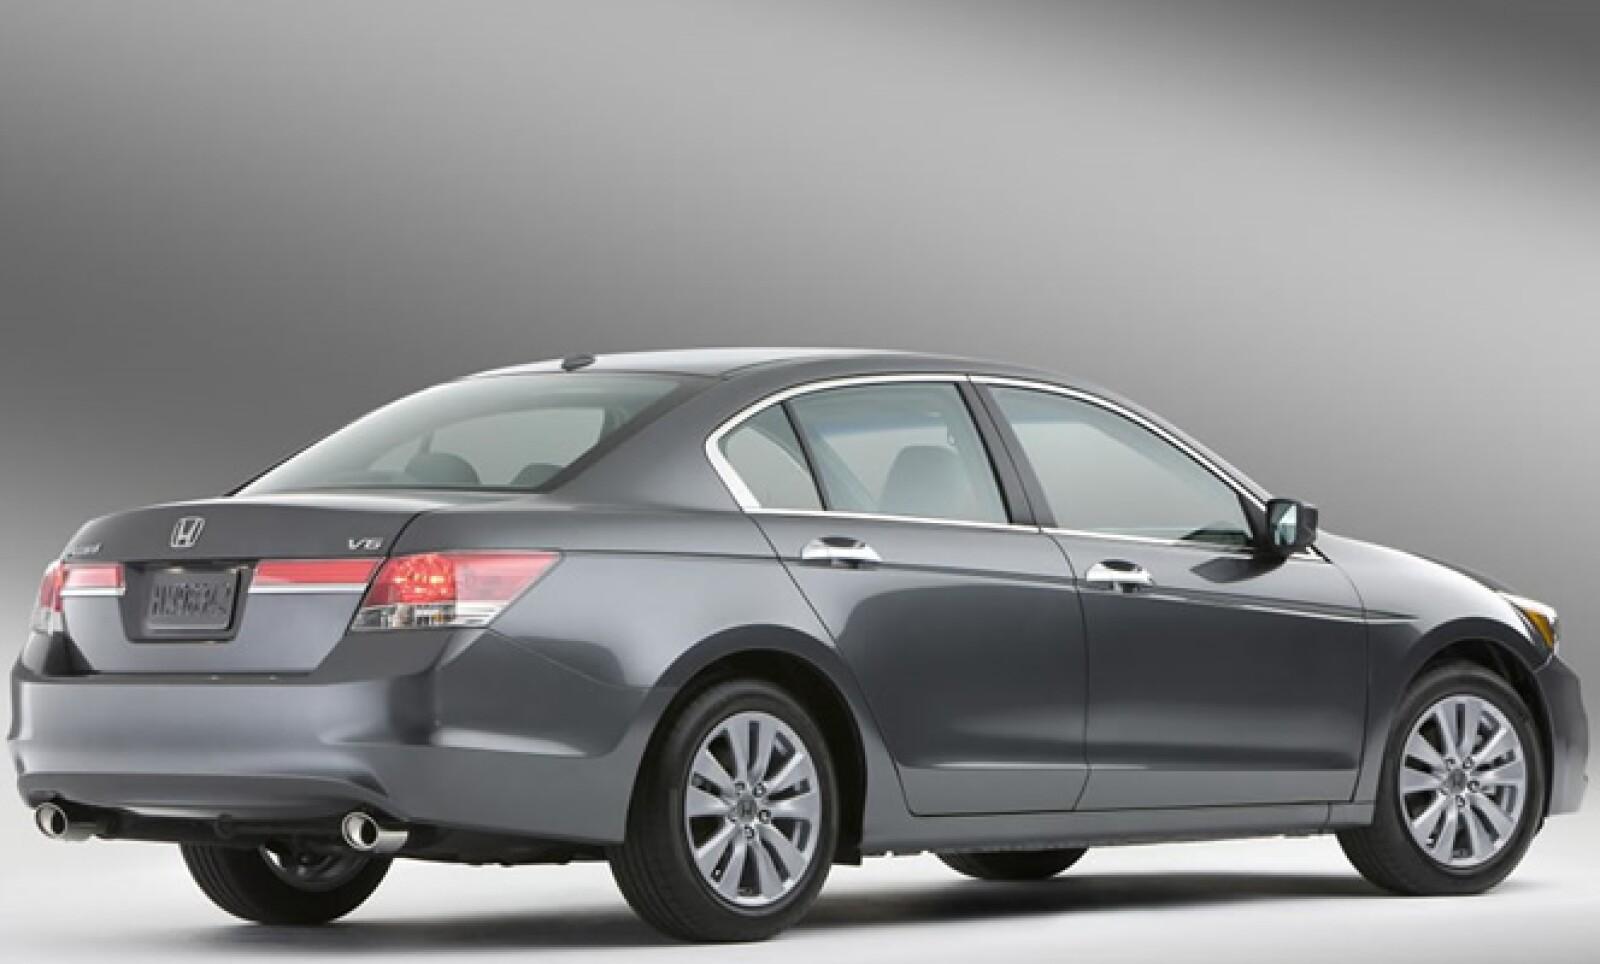 En EU, el nuevo Accord 2011 iniciará ventas a partir  del próximo mes de agosto, aunque para México aún no hay nada confirmado.